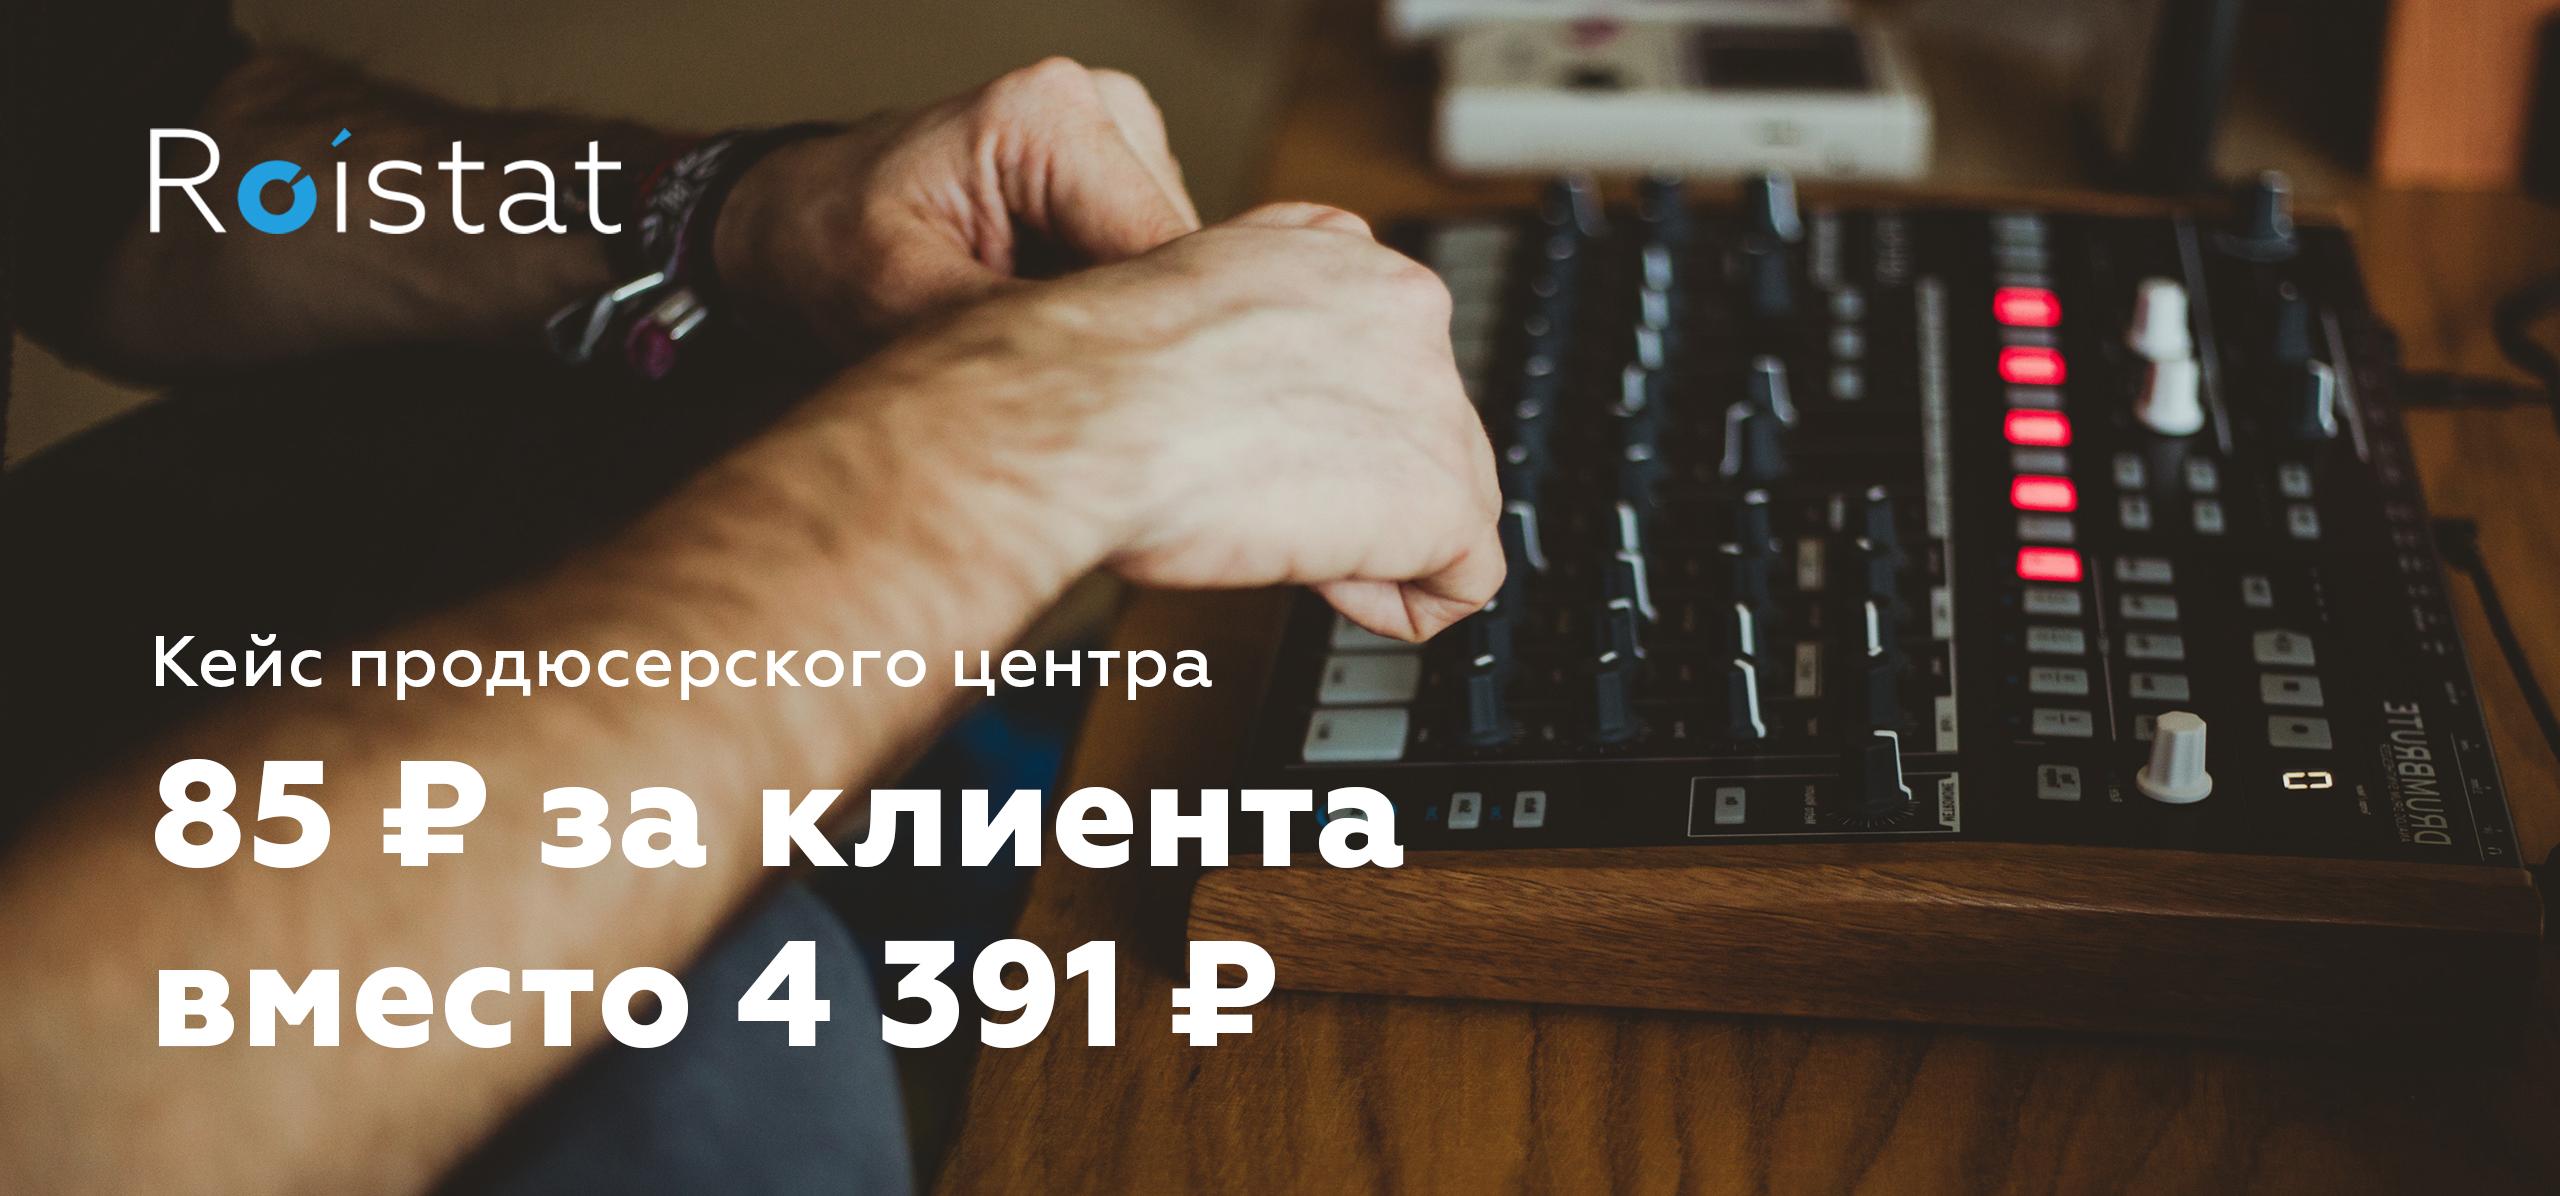 Как снизить стоимость клиента с 4 391 до 89 рублей